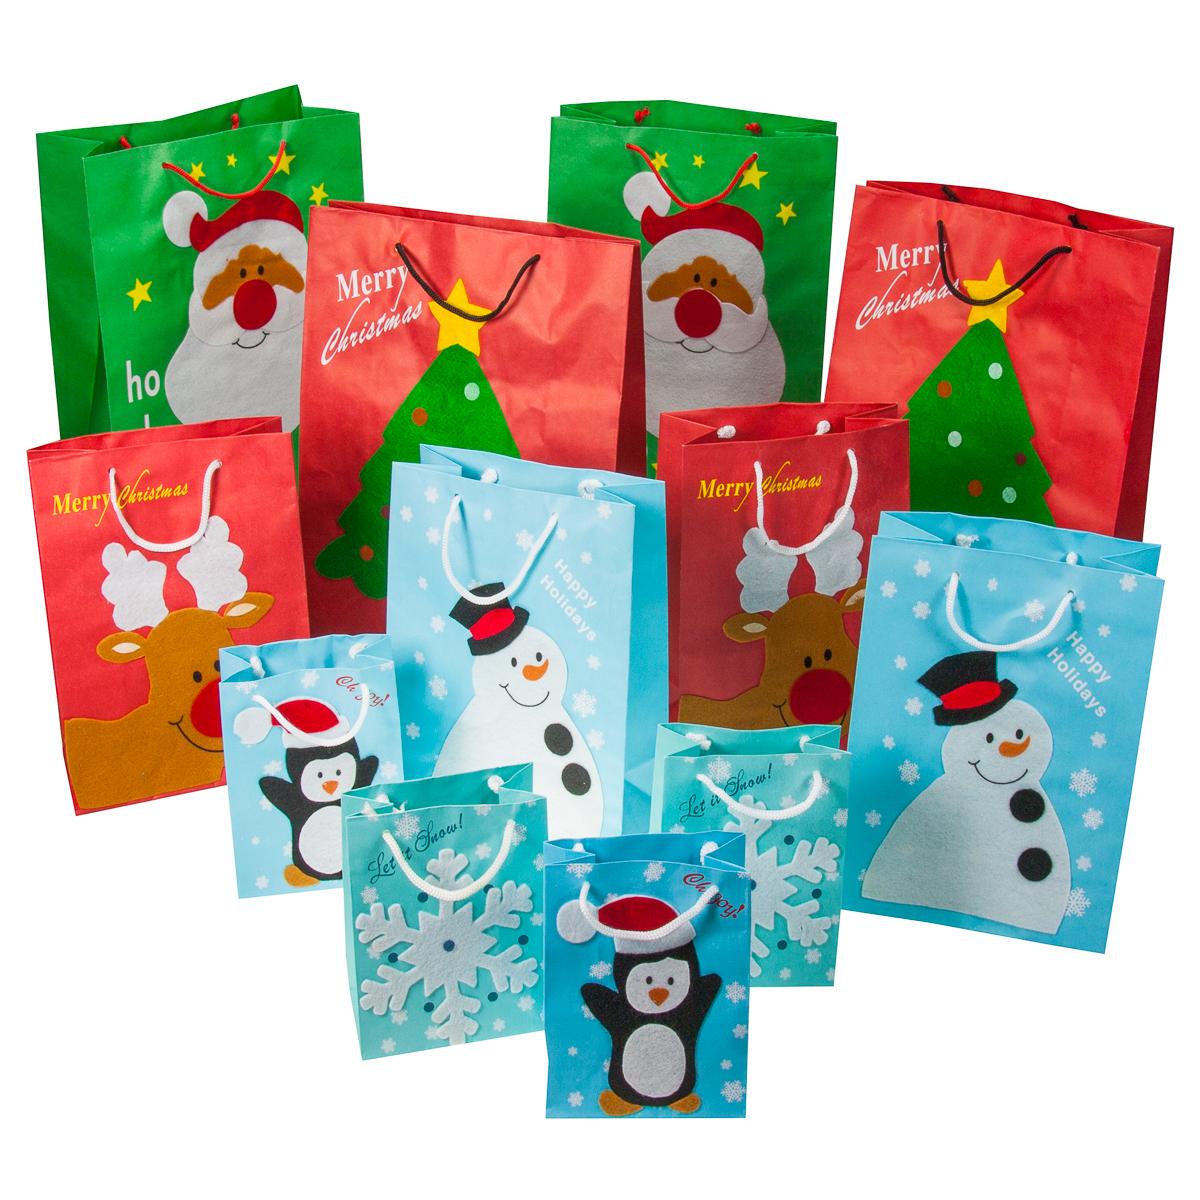 12pc Set Christmas Gift Bags Festive Felt Small Santa